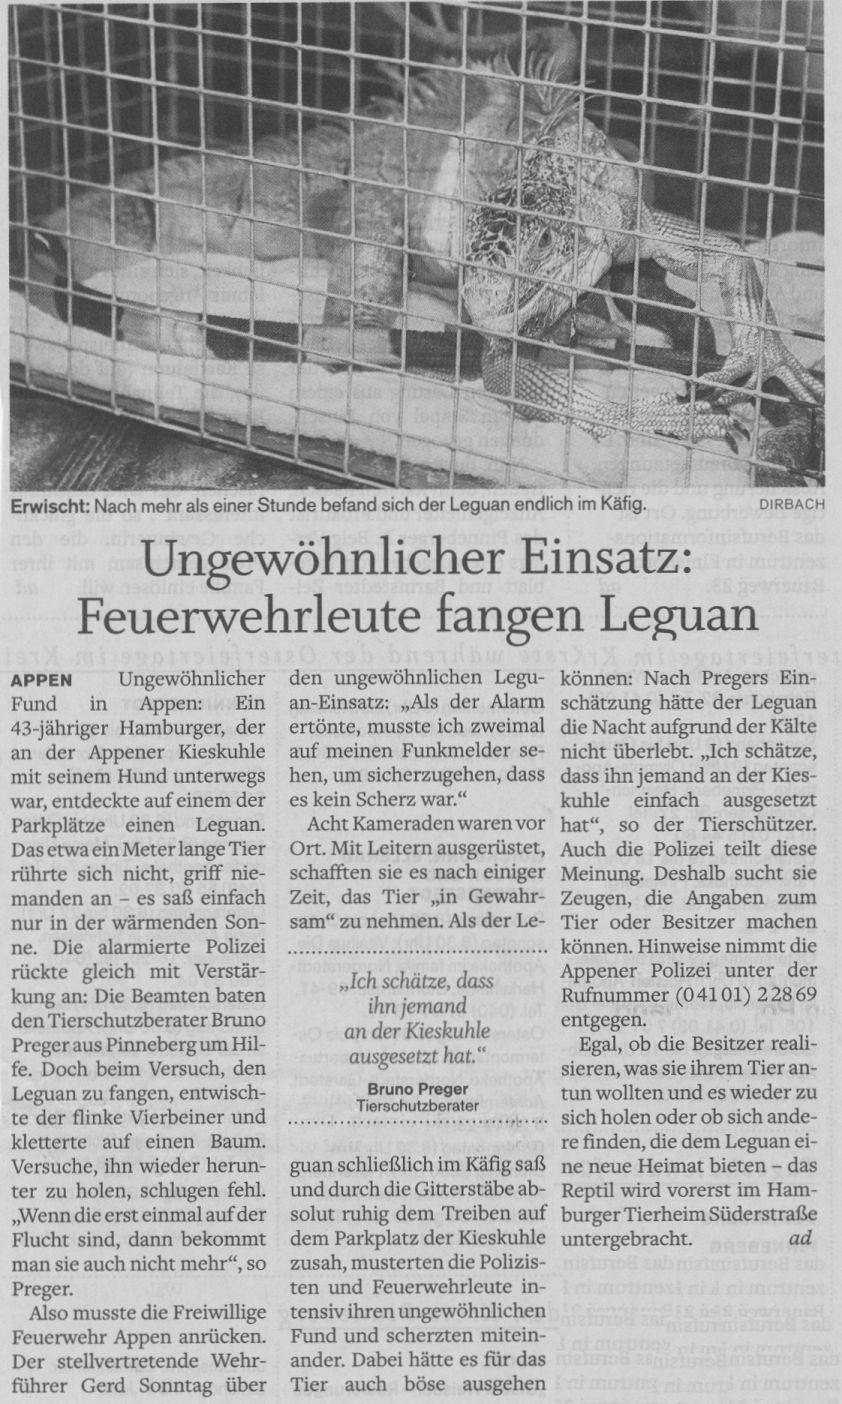 2010-04-03 Pressebericht Leguan eingefangen